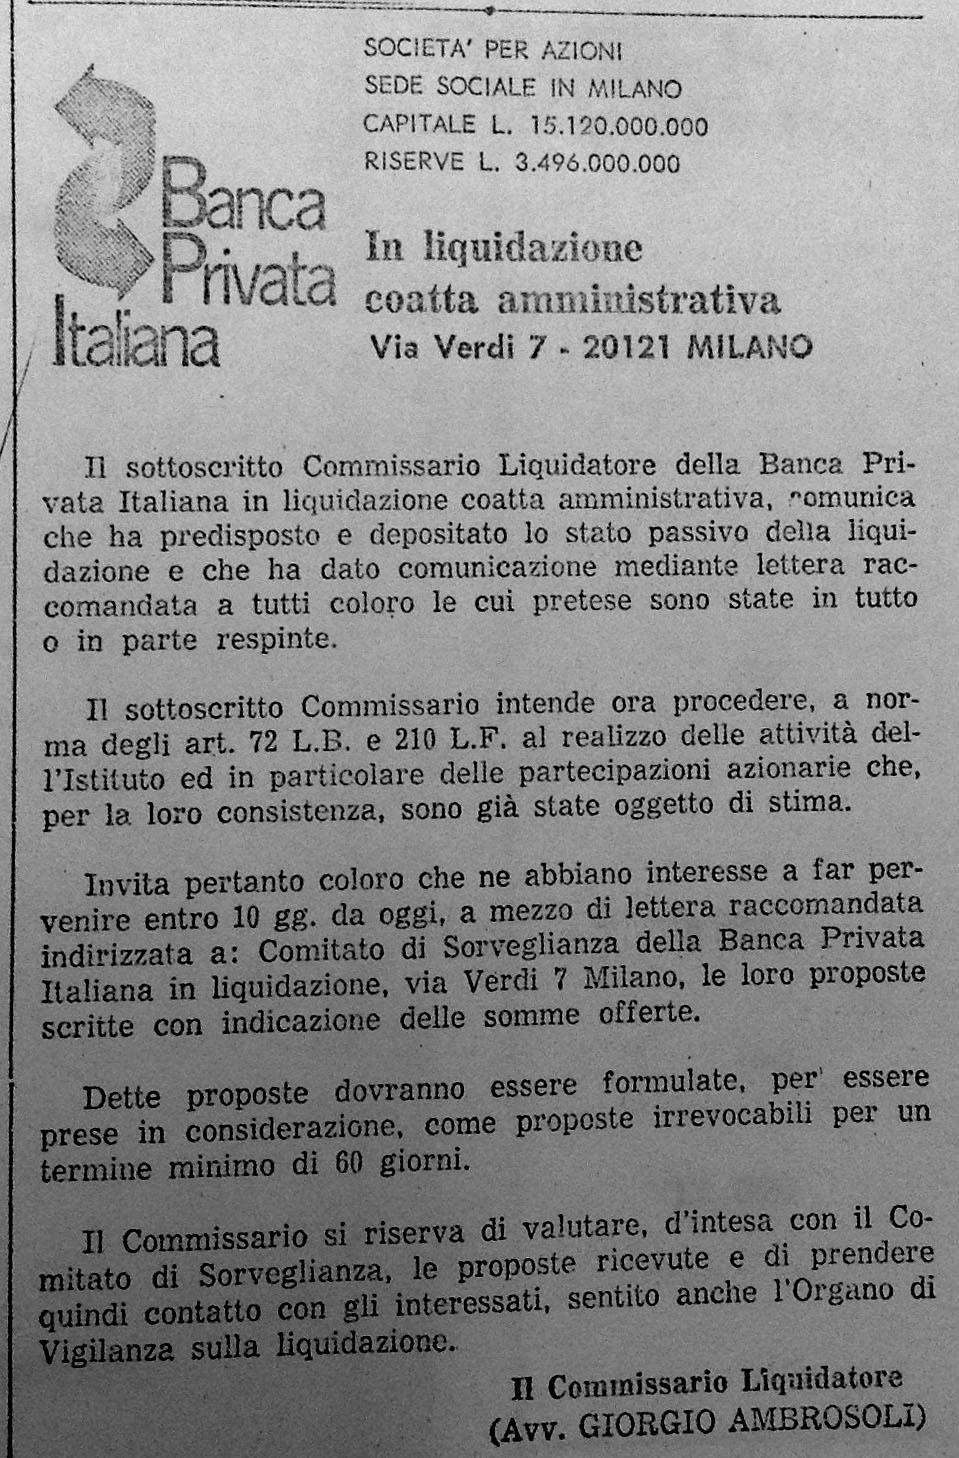 Comunicato per vendita partecipazioni (Il Giorno, 6/3/1975).